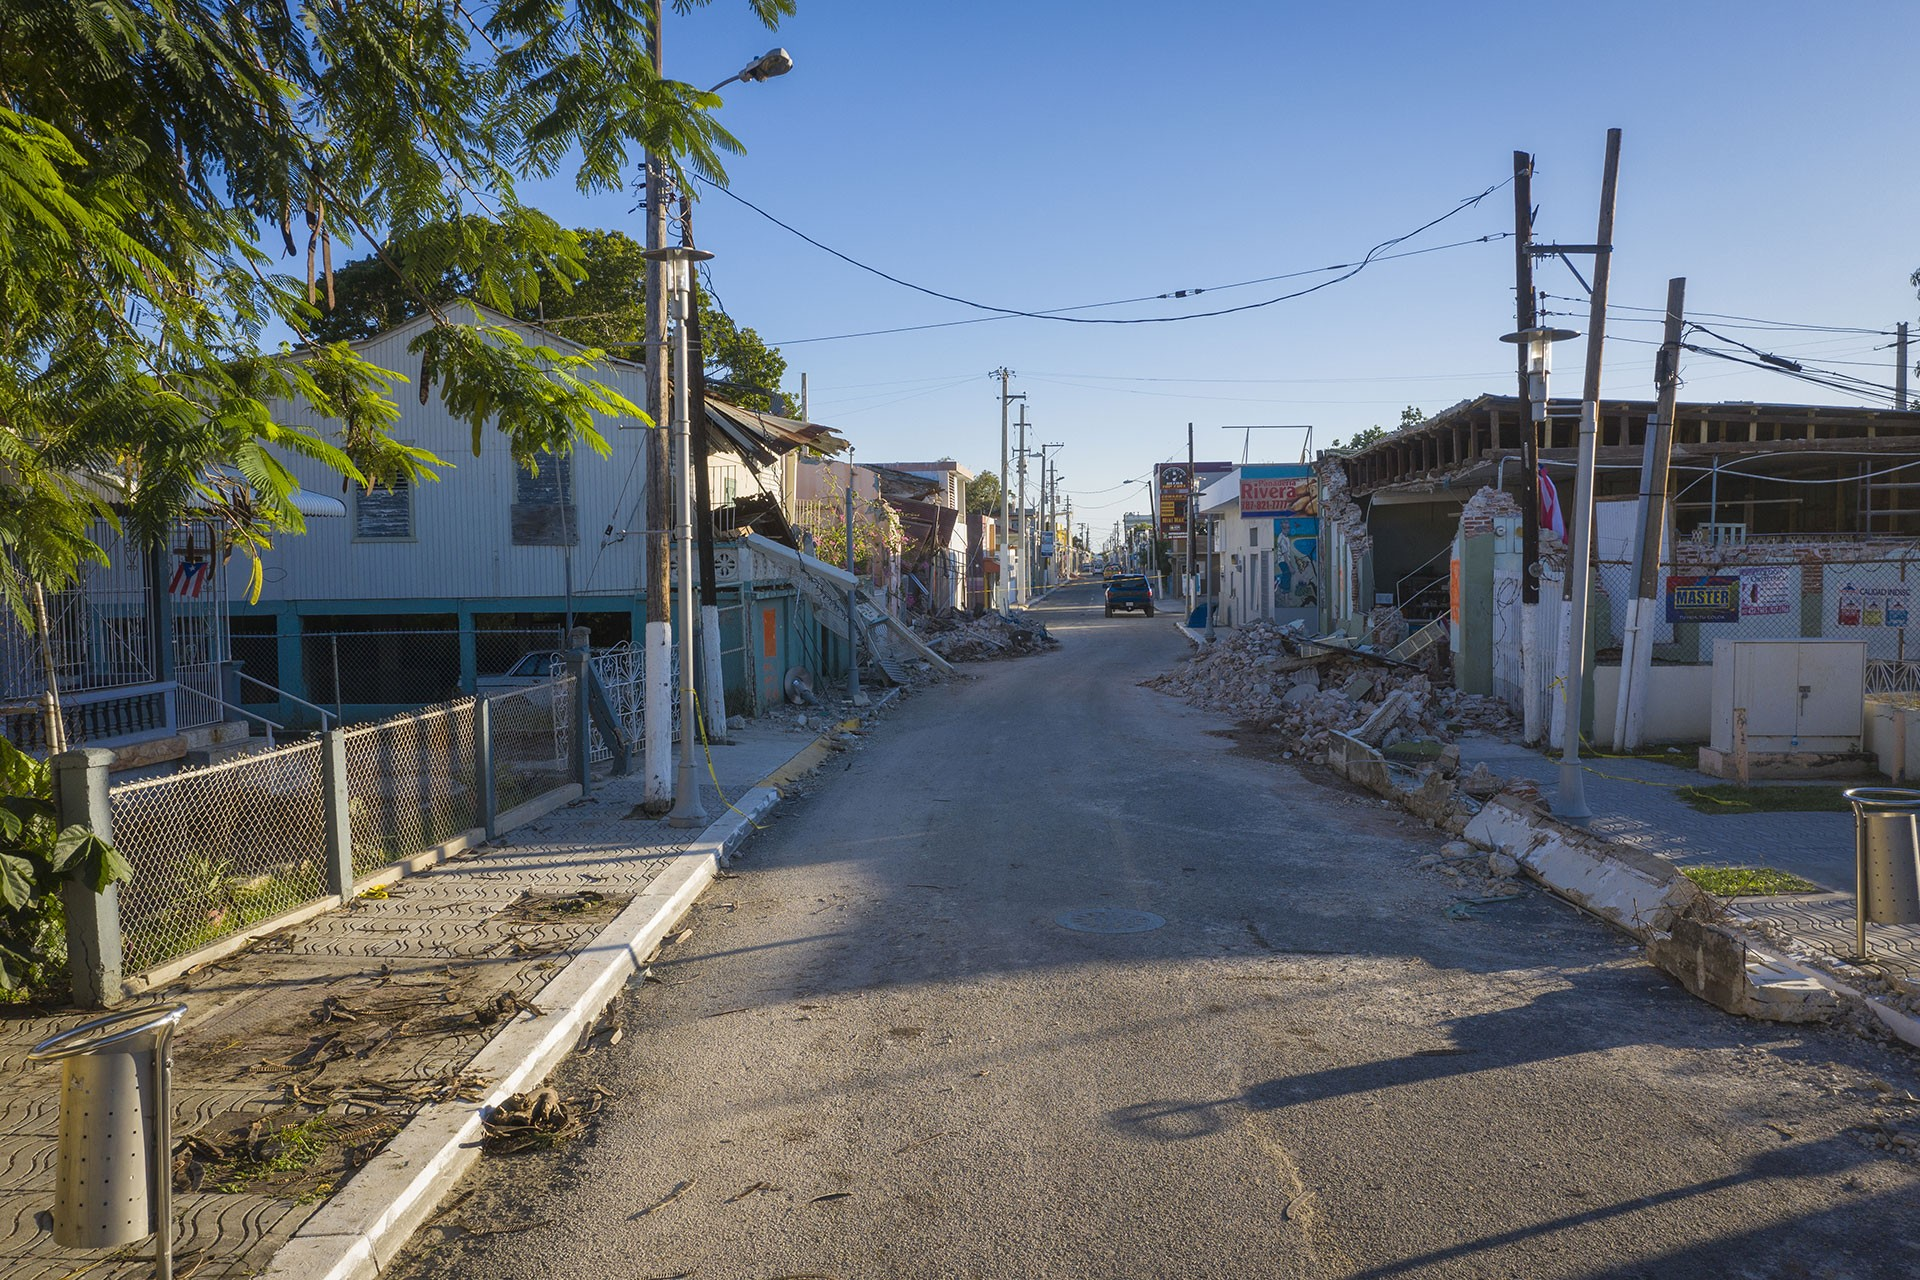 Porto Riko'da meydana gelen 6,5 büyüklüğündeki depremde hasar gören binalar